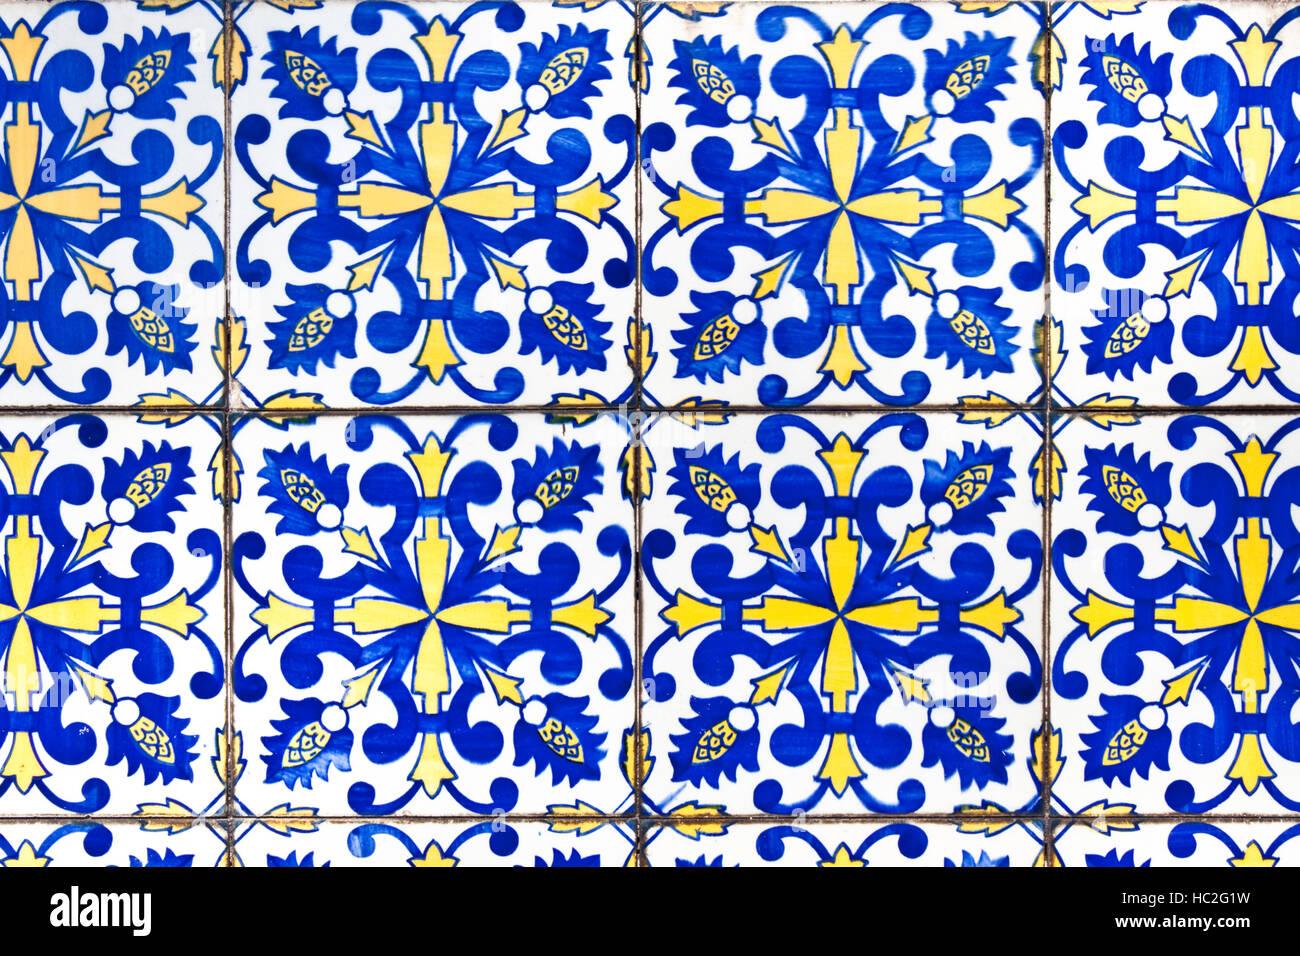 Traditionelle Portugiesische Fliesen Azulejos In Porto Stockfoto - Portugiesische fliesen azulejos